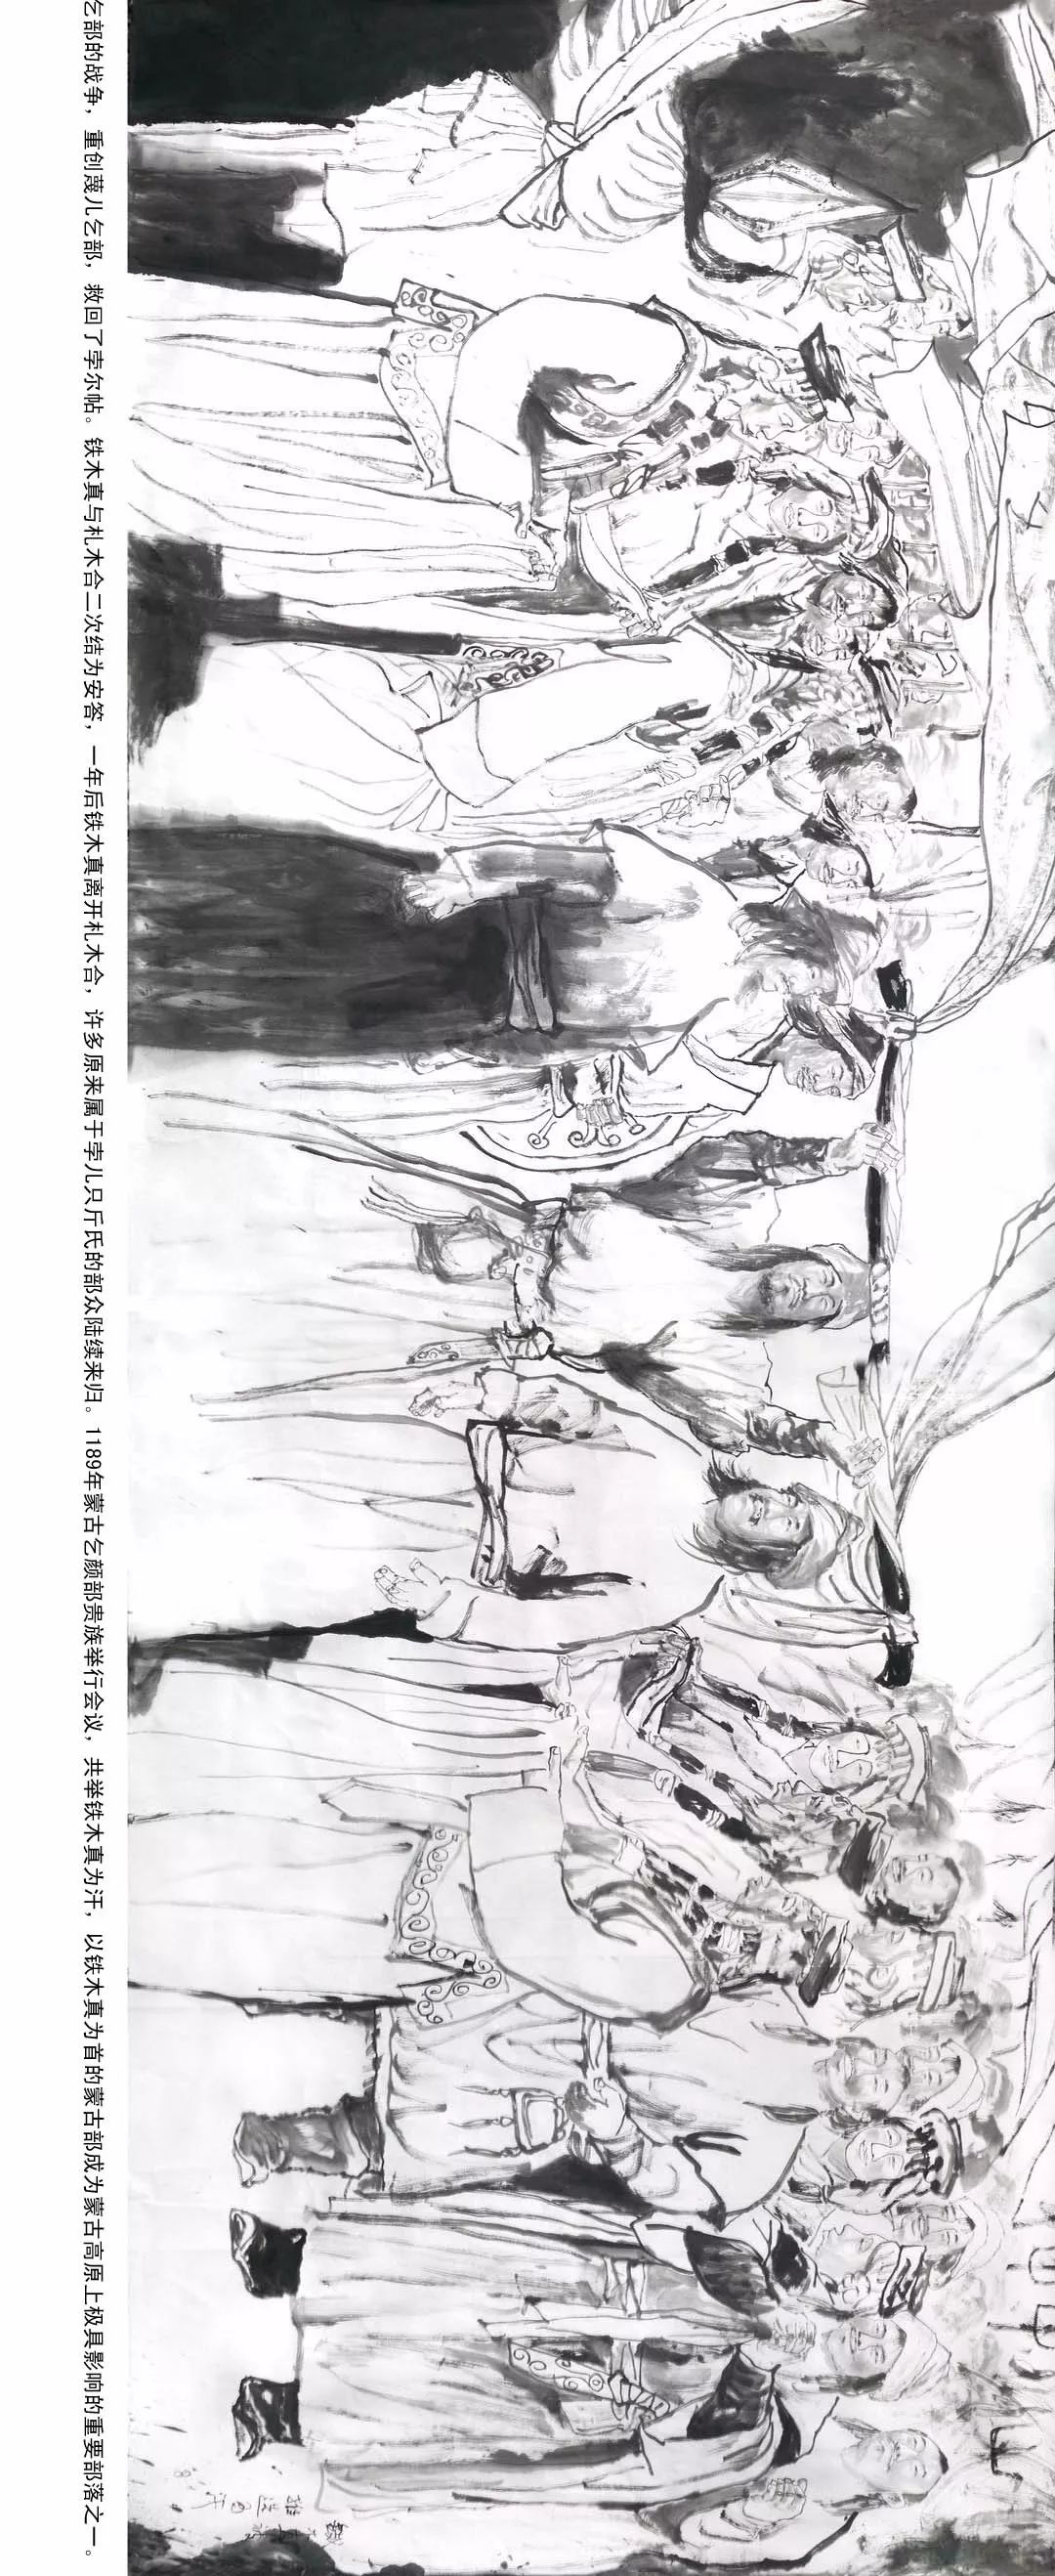 【经典】《蒙古魂》国画写意,大师所创,值得收藏。 第6张